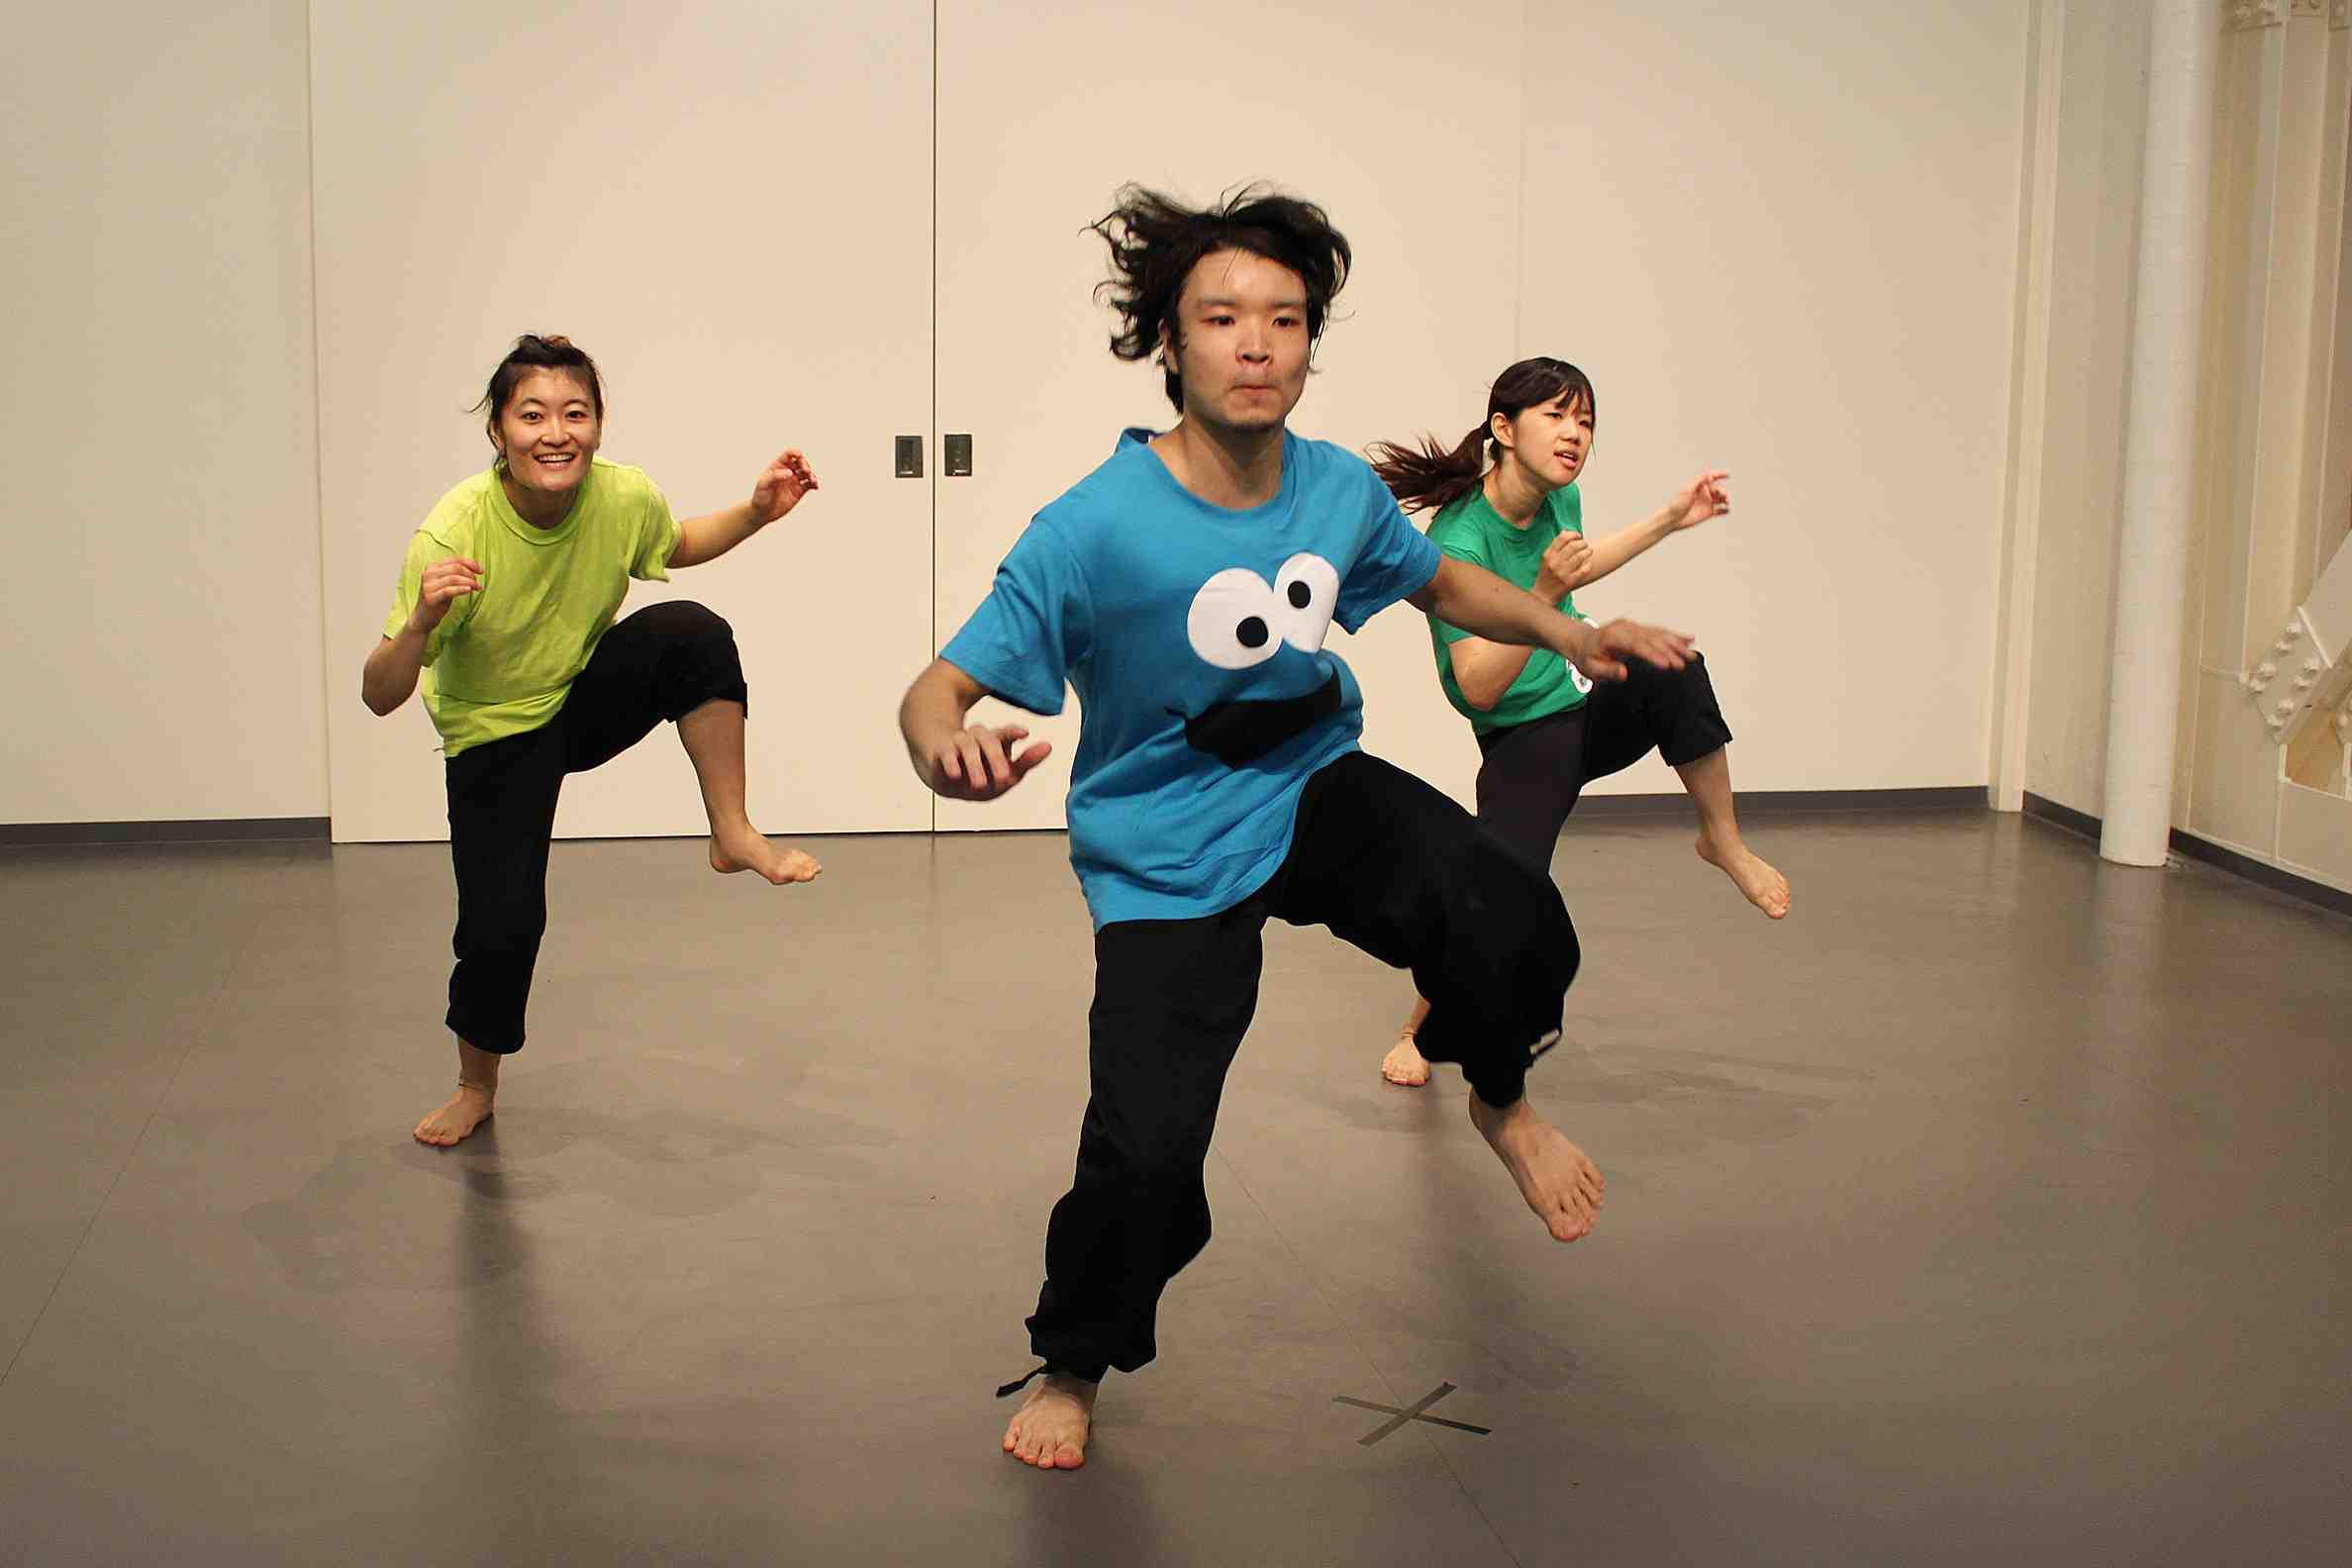 現代的なリズムのダンス~リズムに乗って踊る楽しさ~